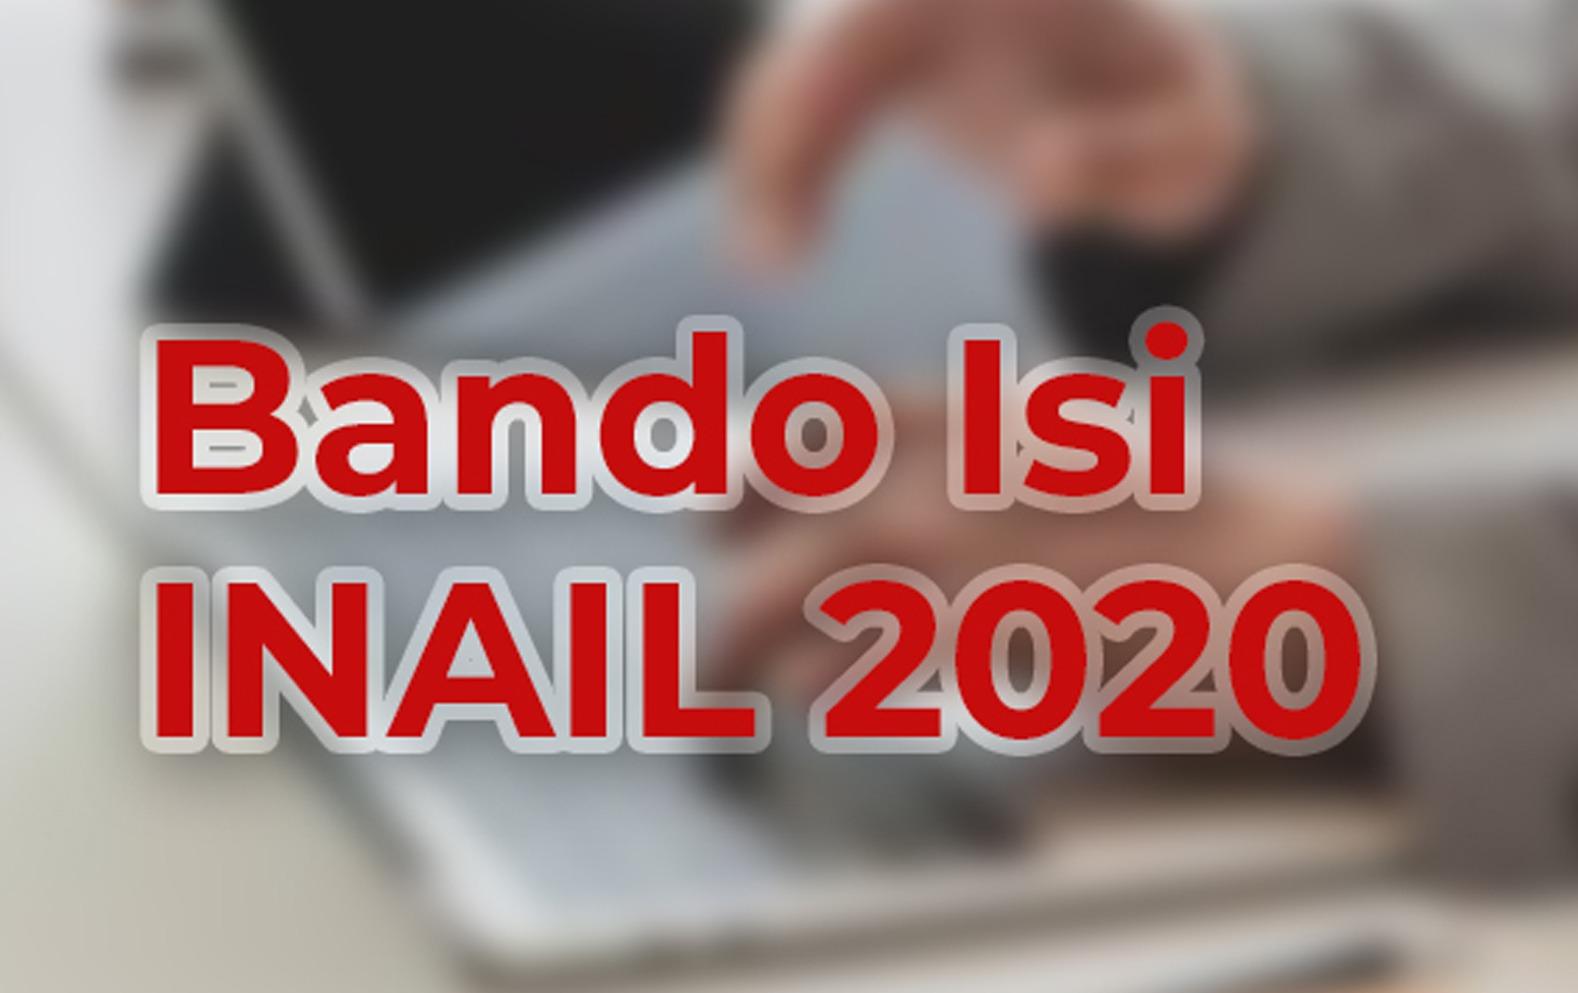 bando isi inail 2020